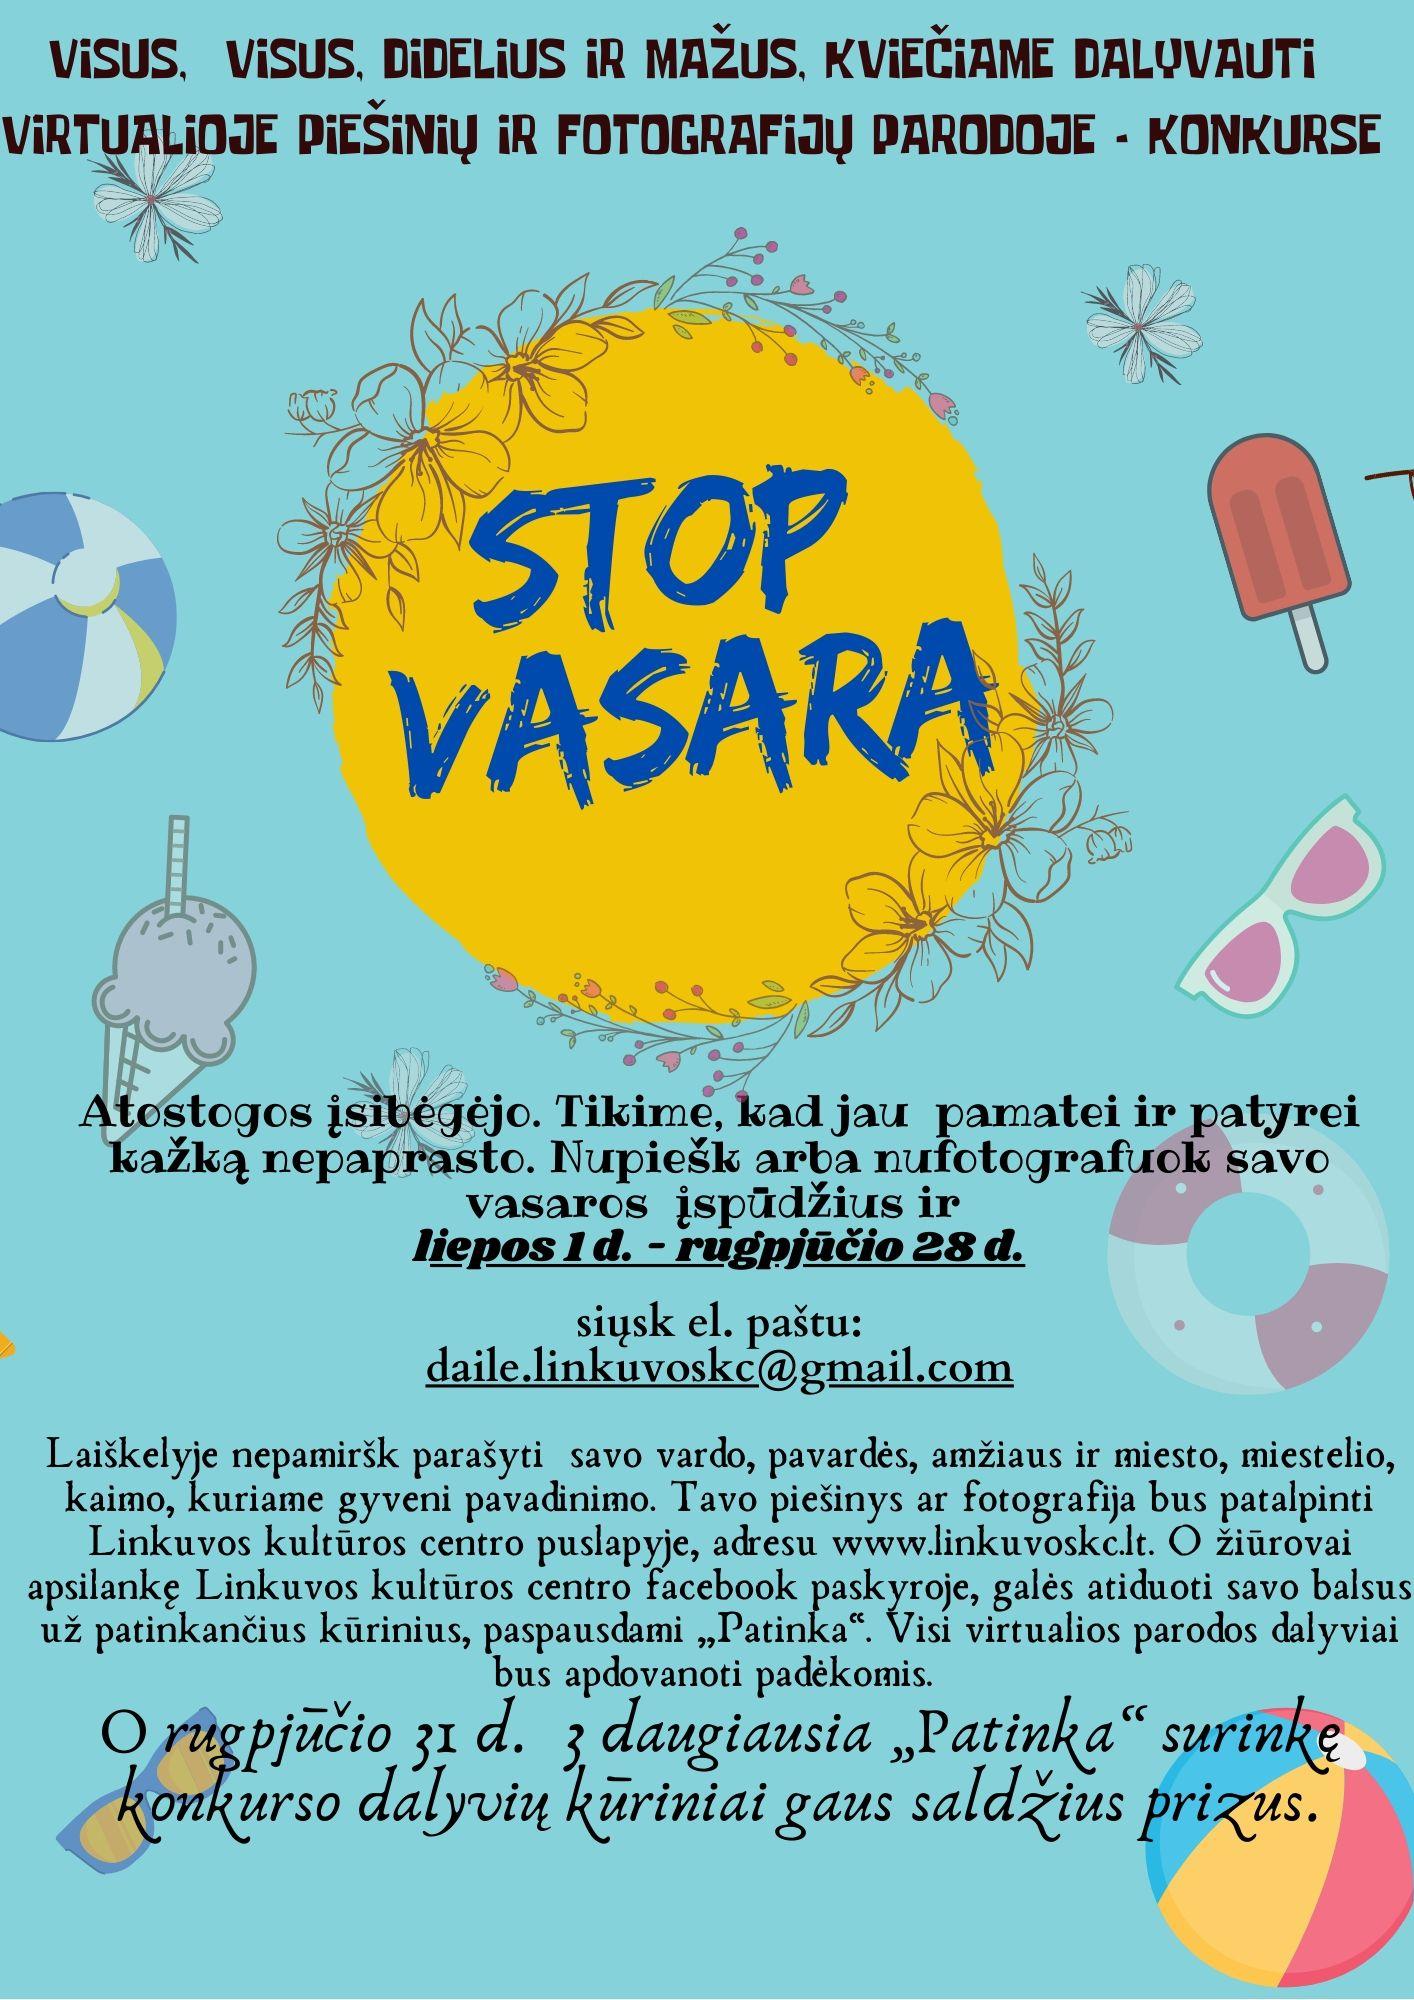 """Kviečiame dalyvauti virtualioje piešinių ir fotografijų parodoje – konkurse """" STOP VASARA"""""""